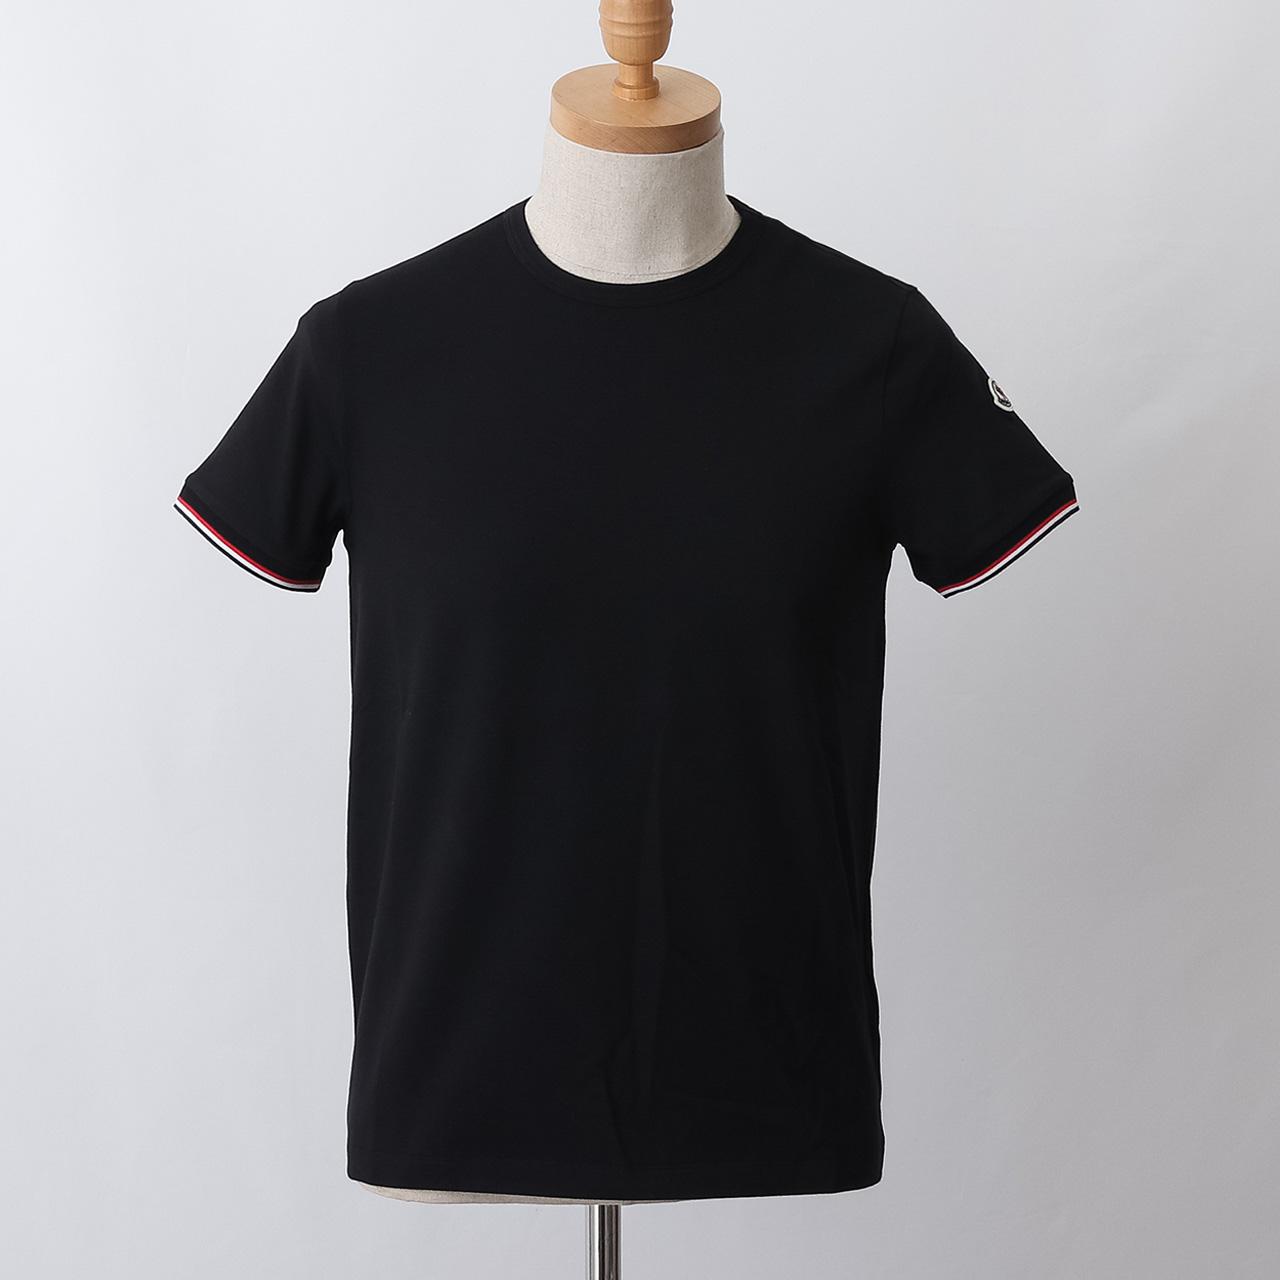 モンクレール MONCLER メンズ Tシャツ 80199 87296 [全3色]